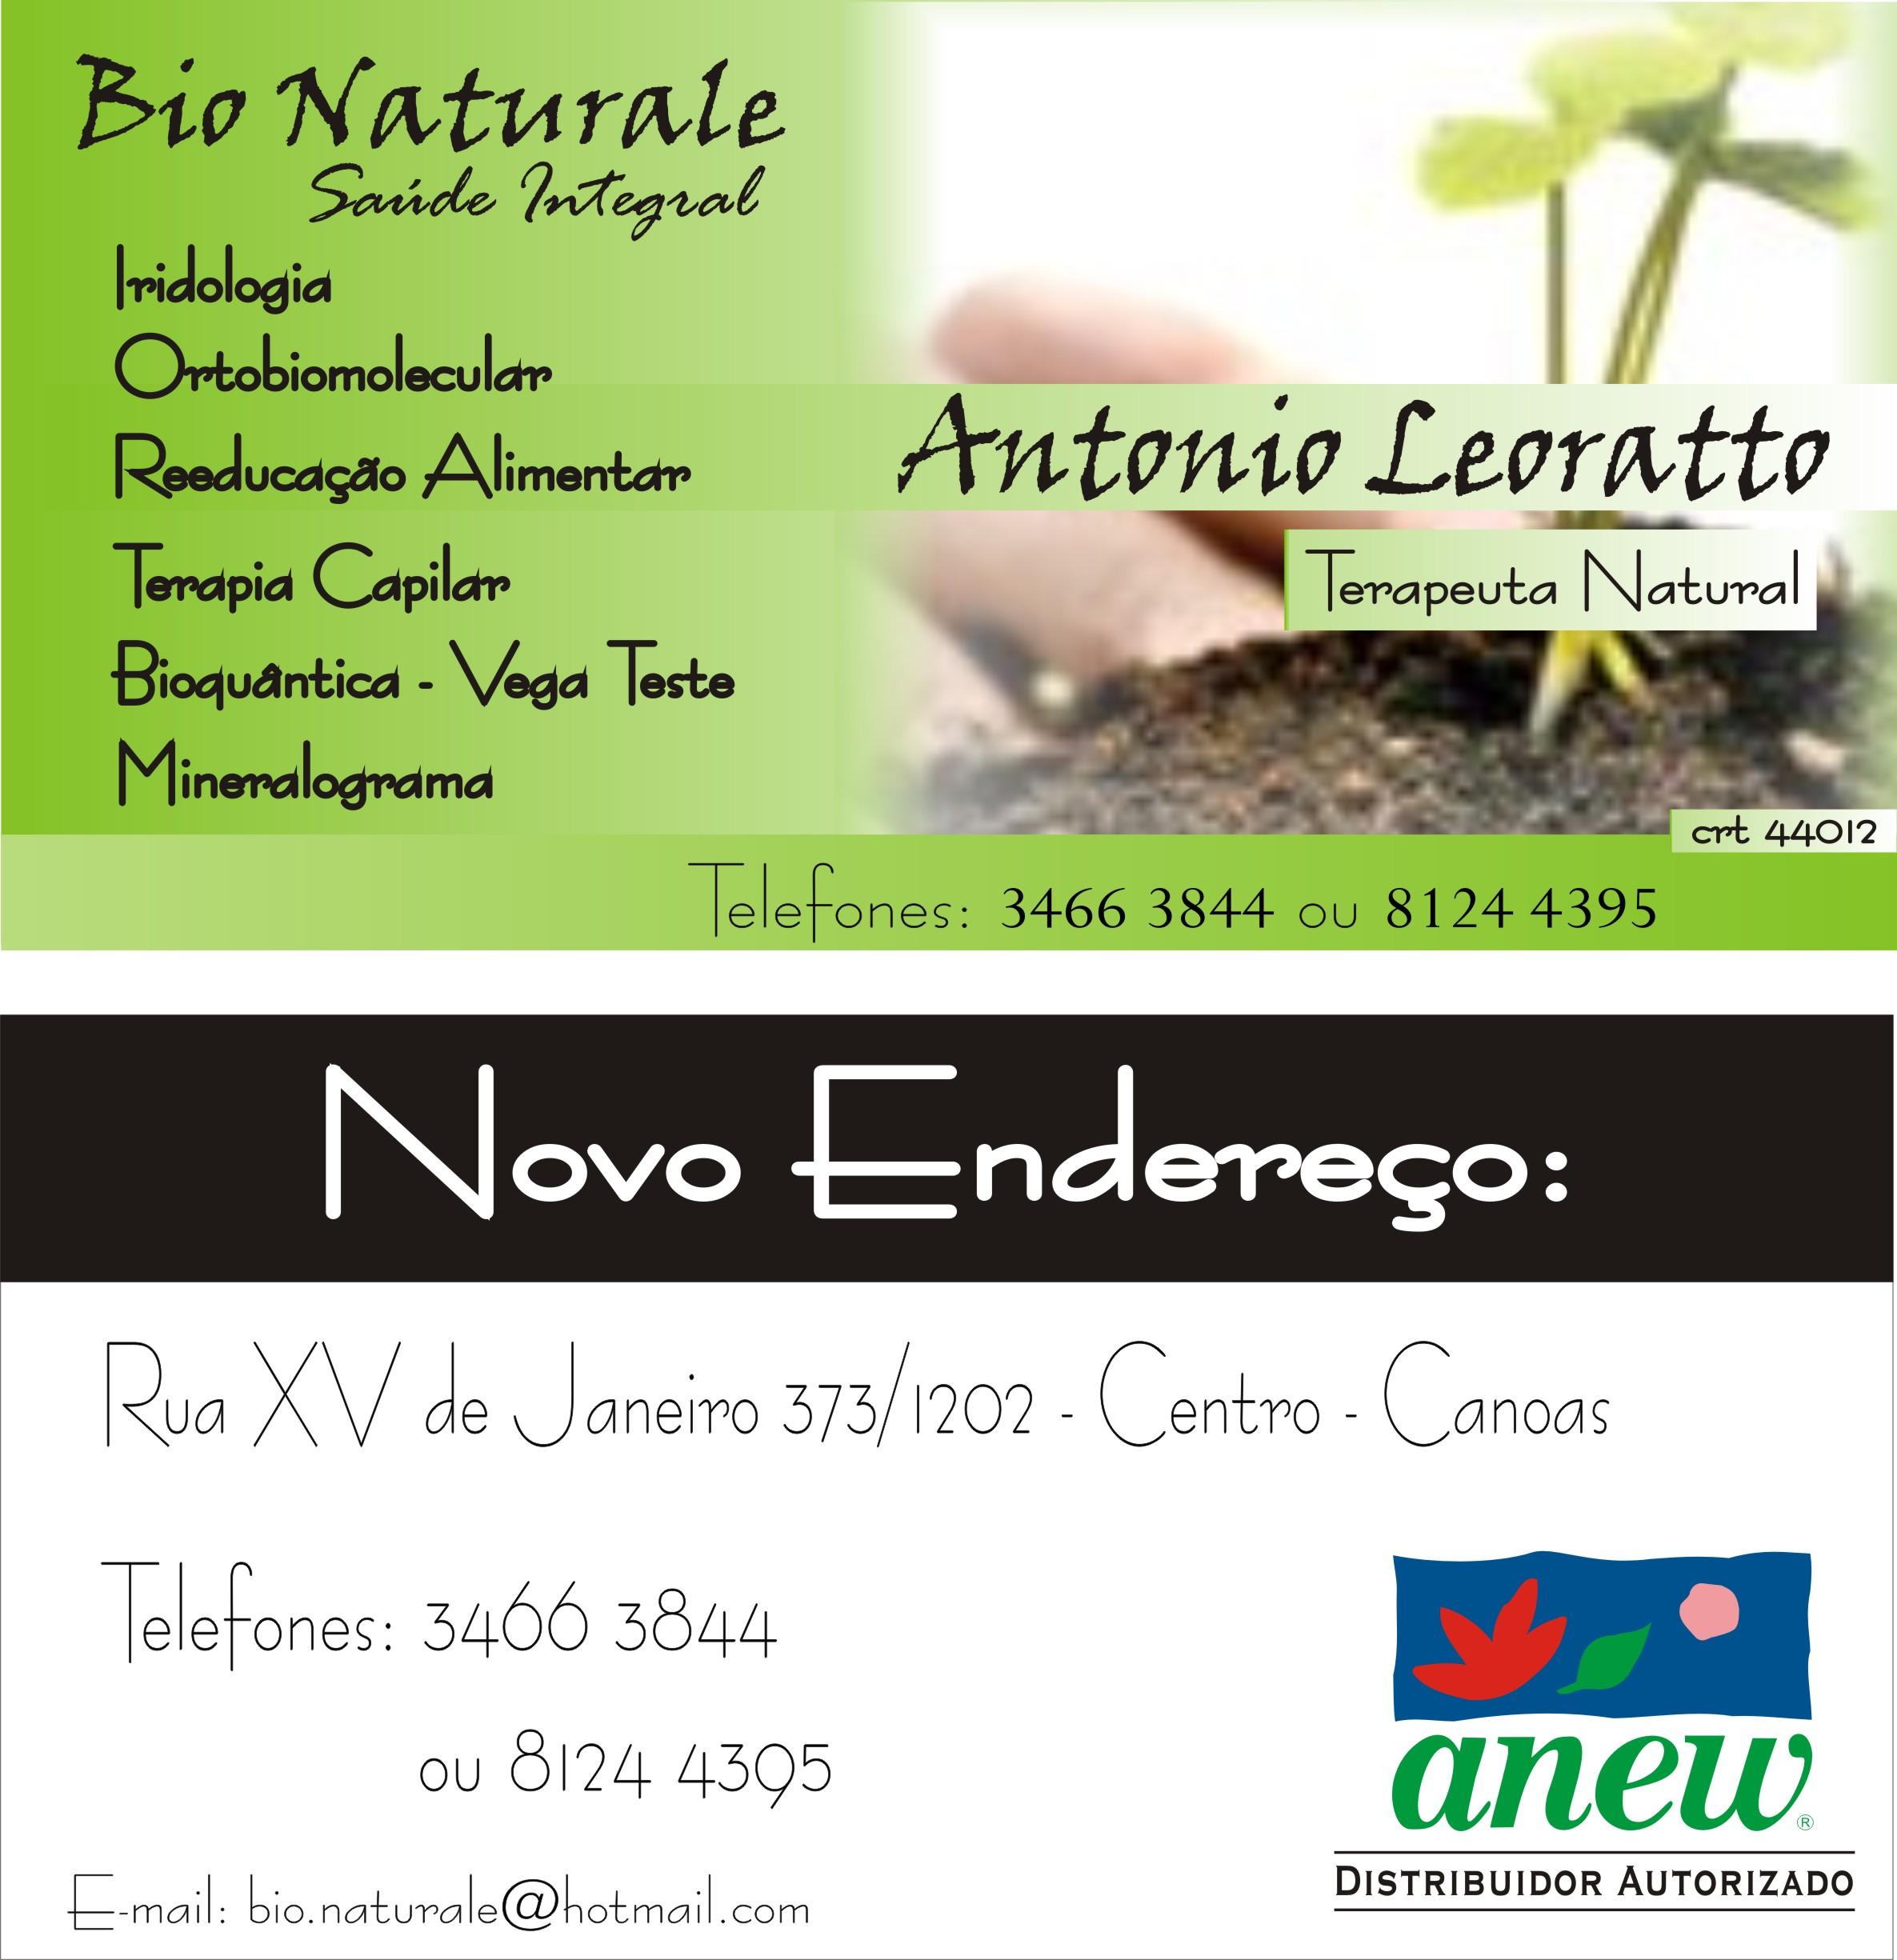 Bio naturale